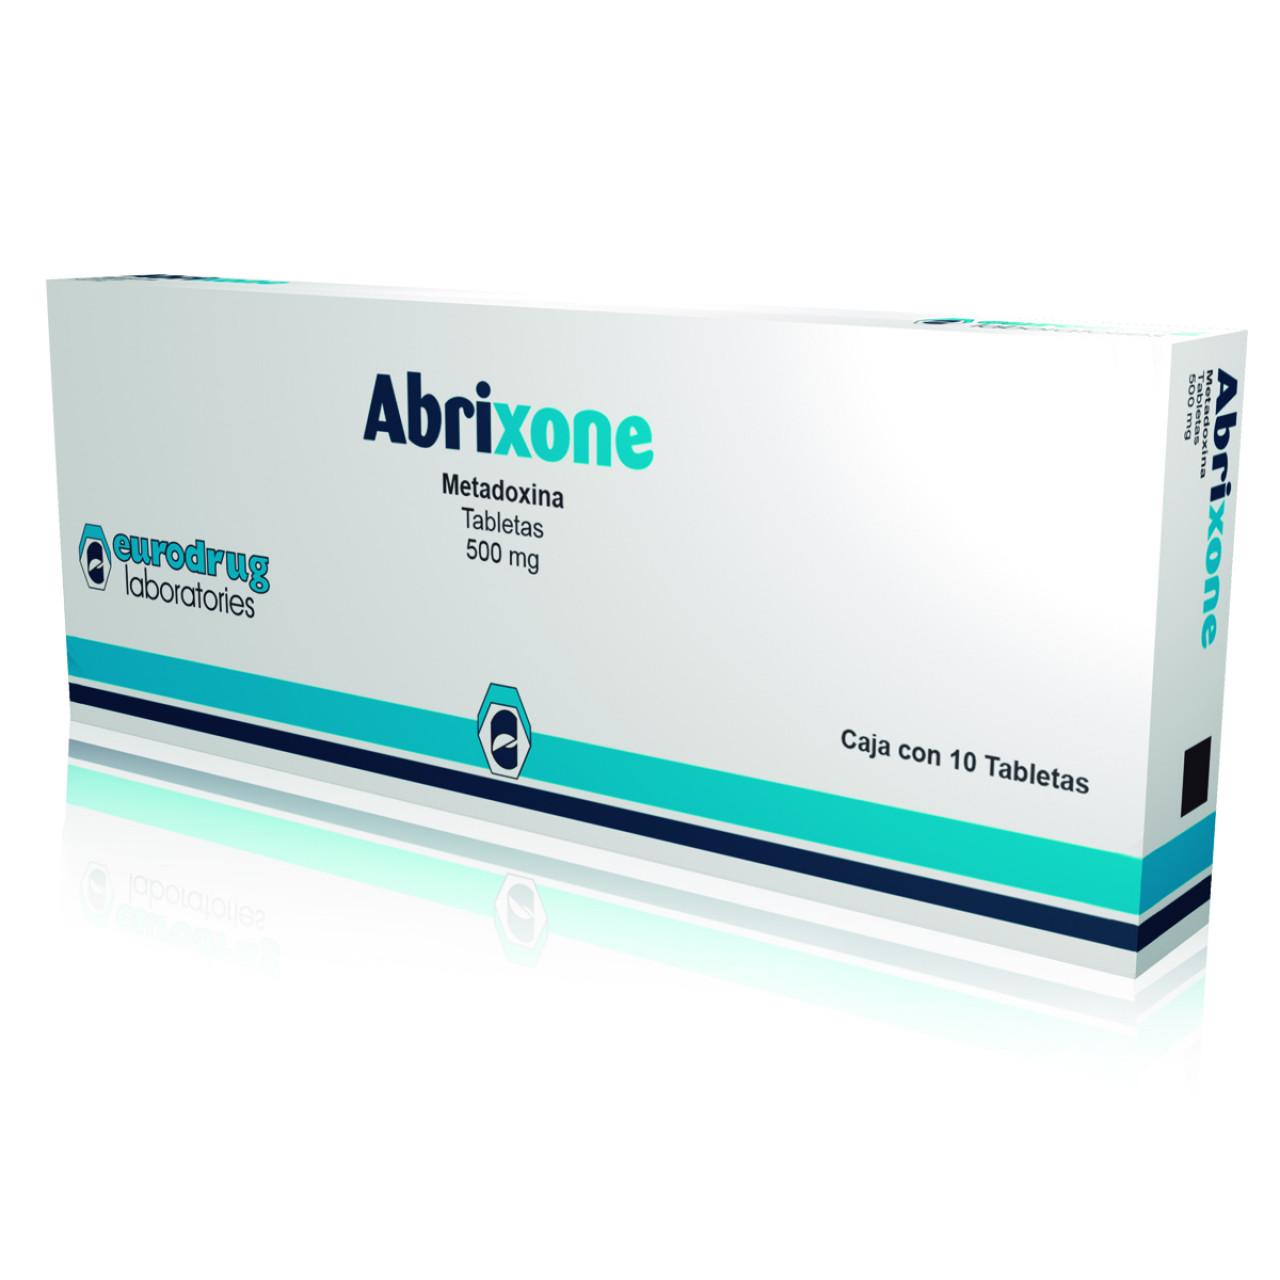 Comprar Abrixone 500 Mg Caja 10 Tabletas